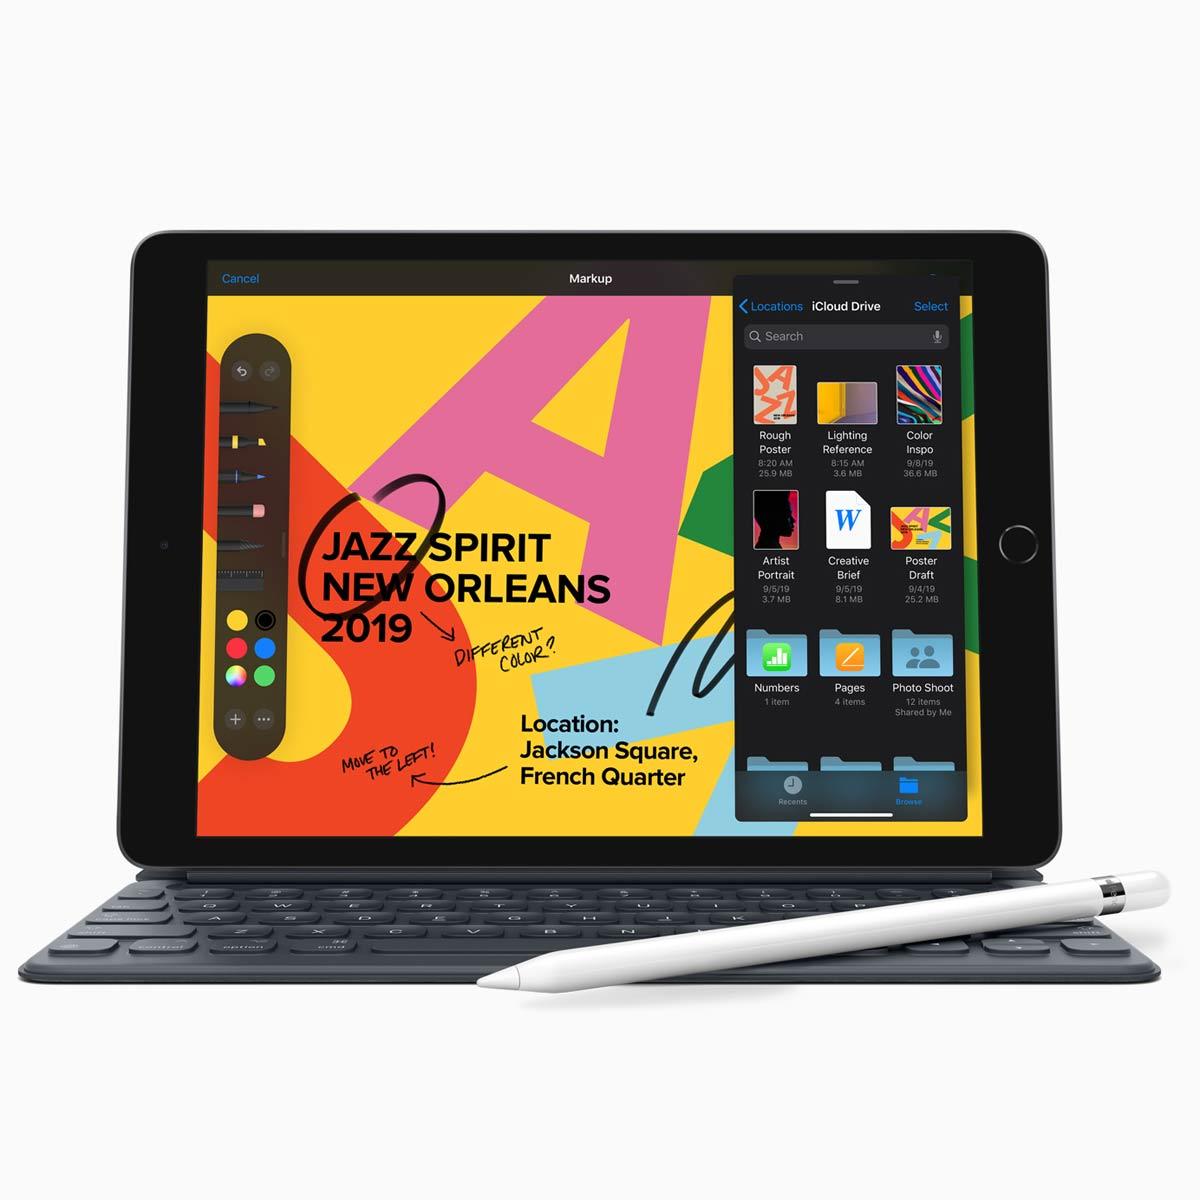 10.2インチの第7世代「iPad」登場! Smart Keyboard対応&iPadOSでPCライクな使い方に期待